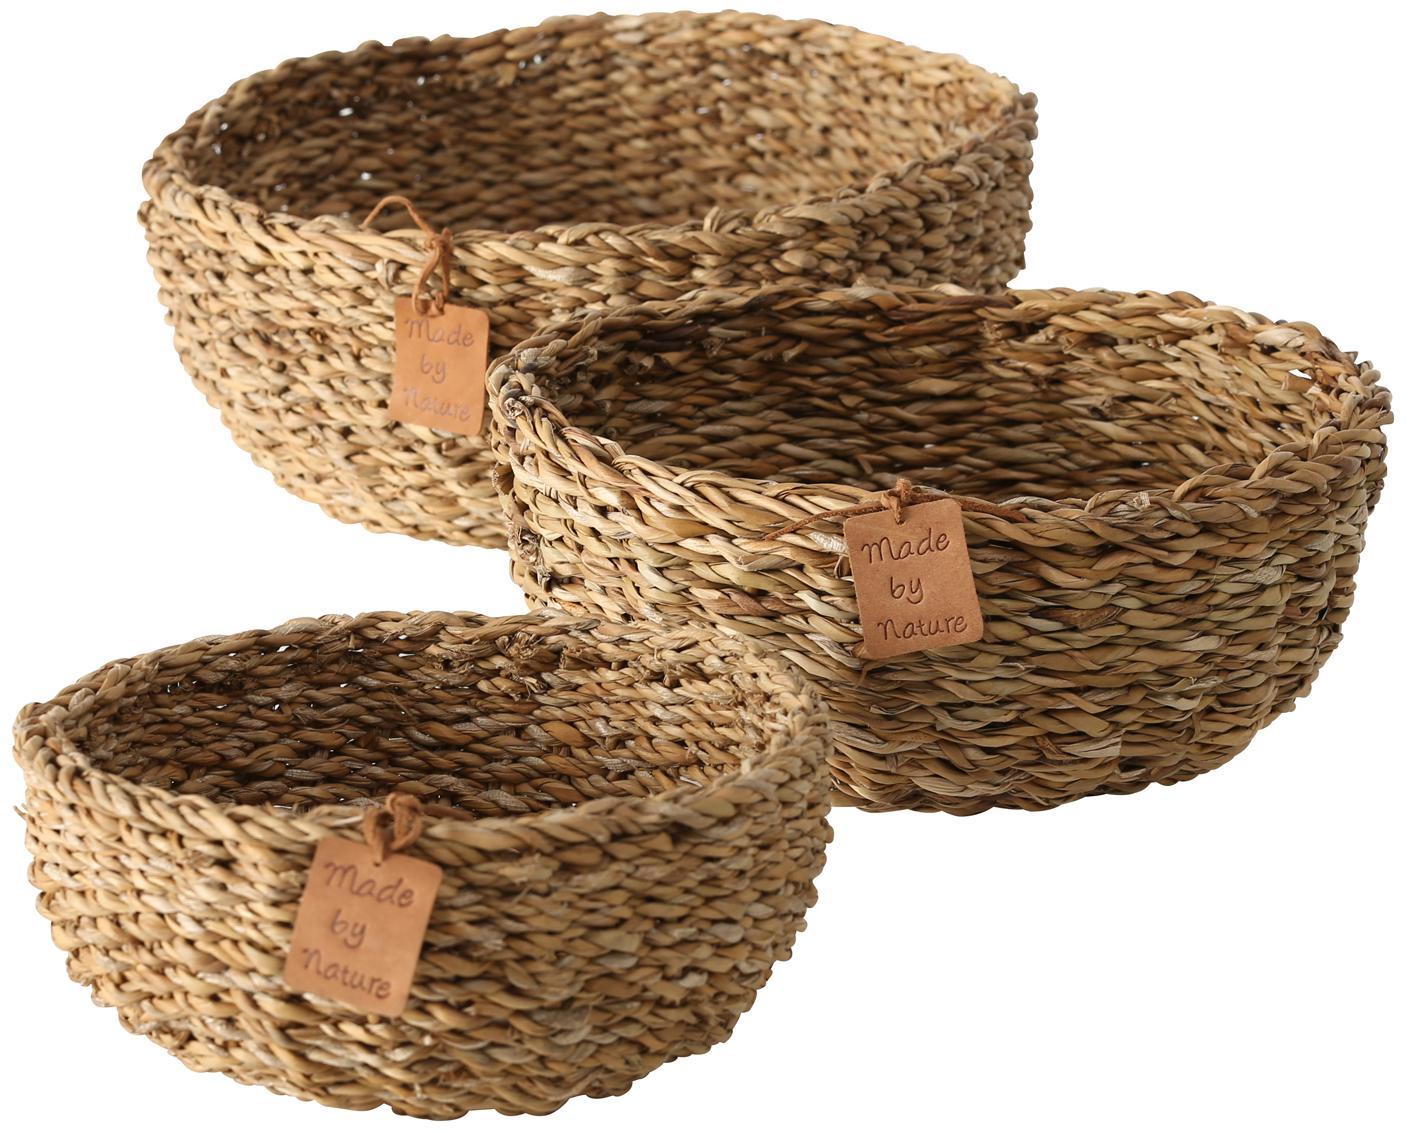 Aufbewahrungskörbe Sophy aus Seegras, 3er-Set, Seegras, Beige, Set mit verschiedenen Grössen